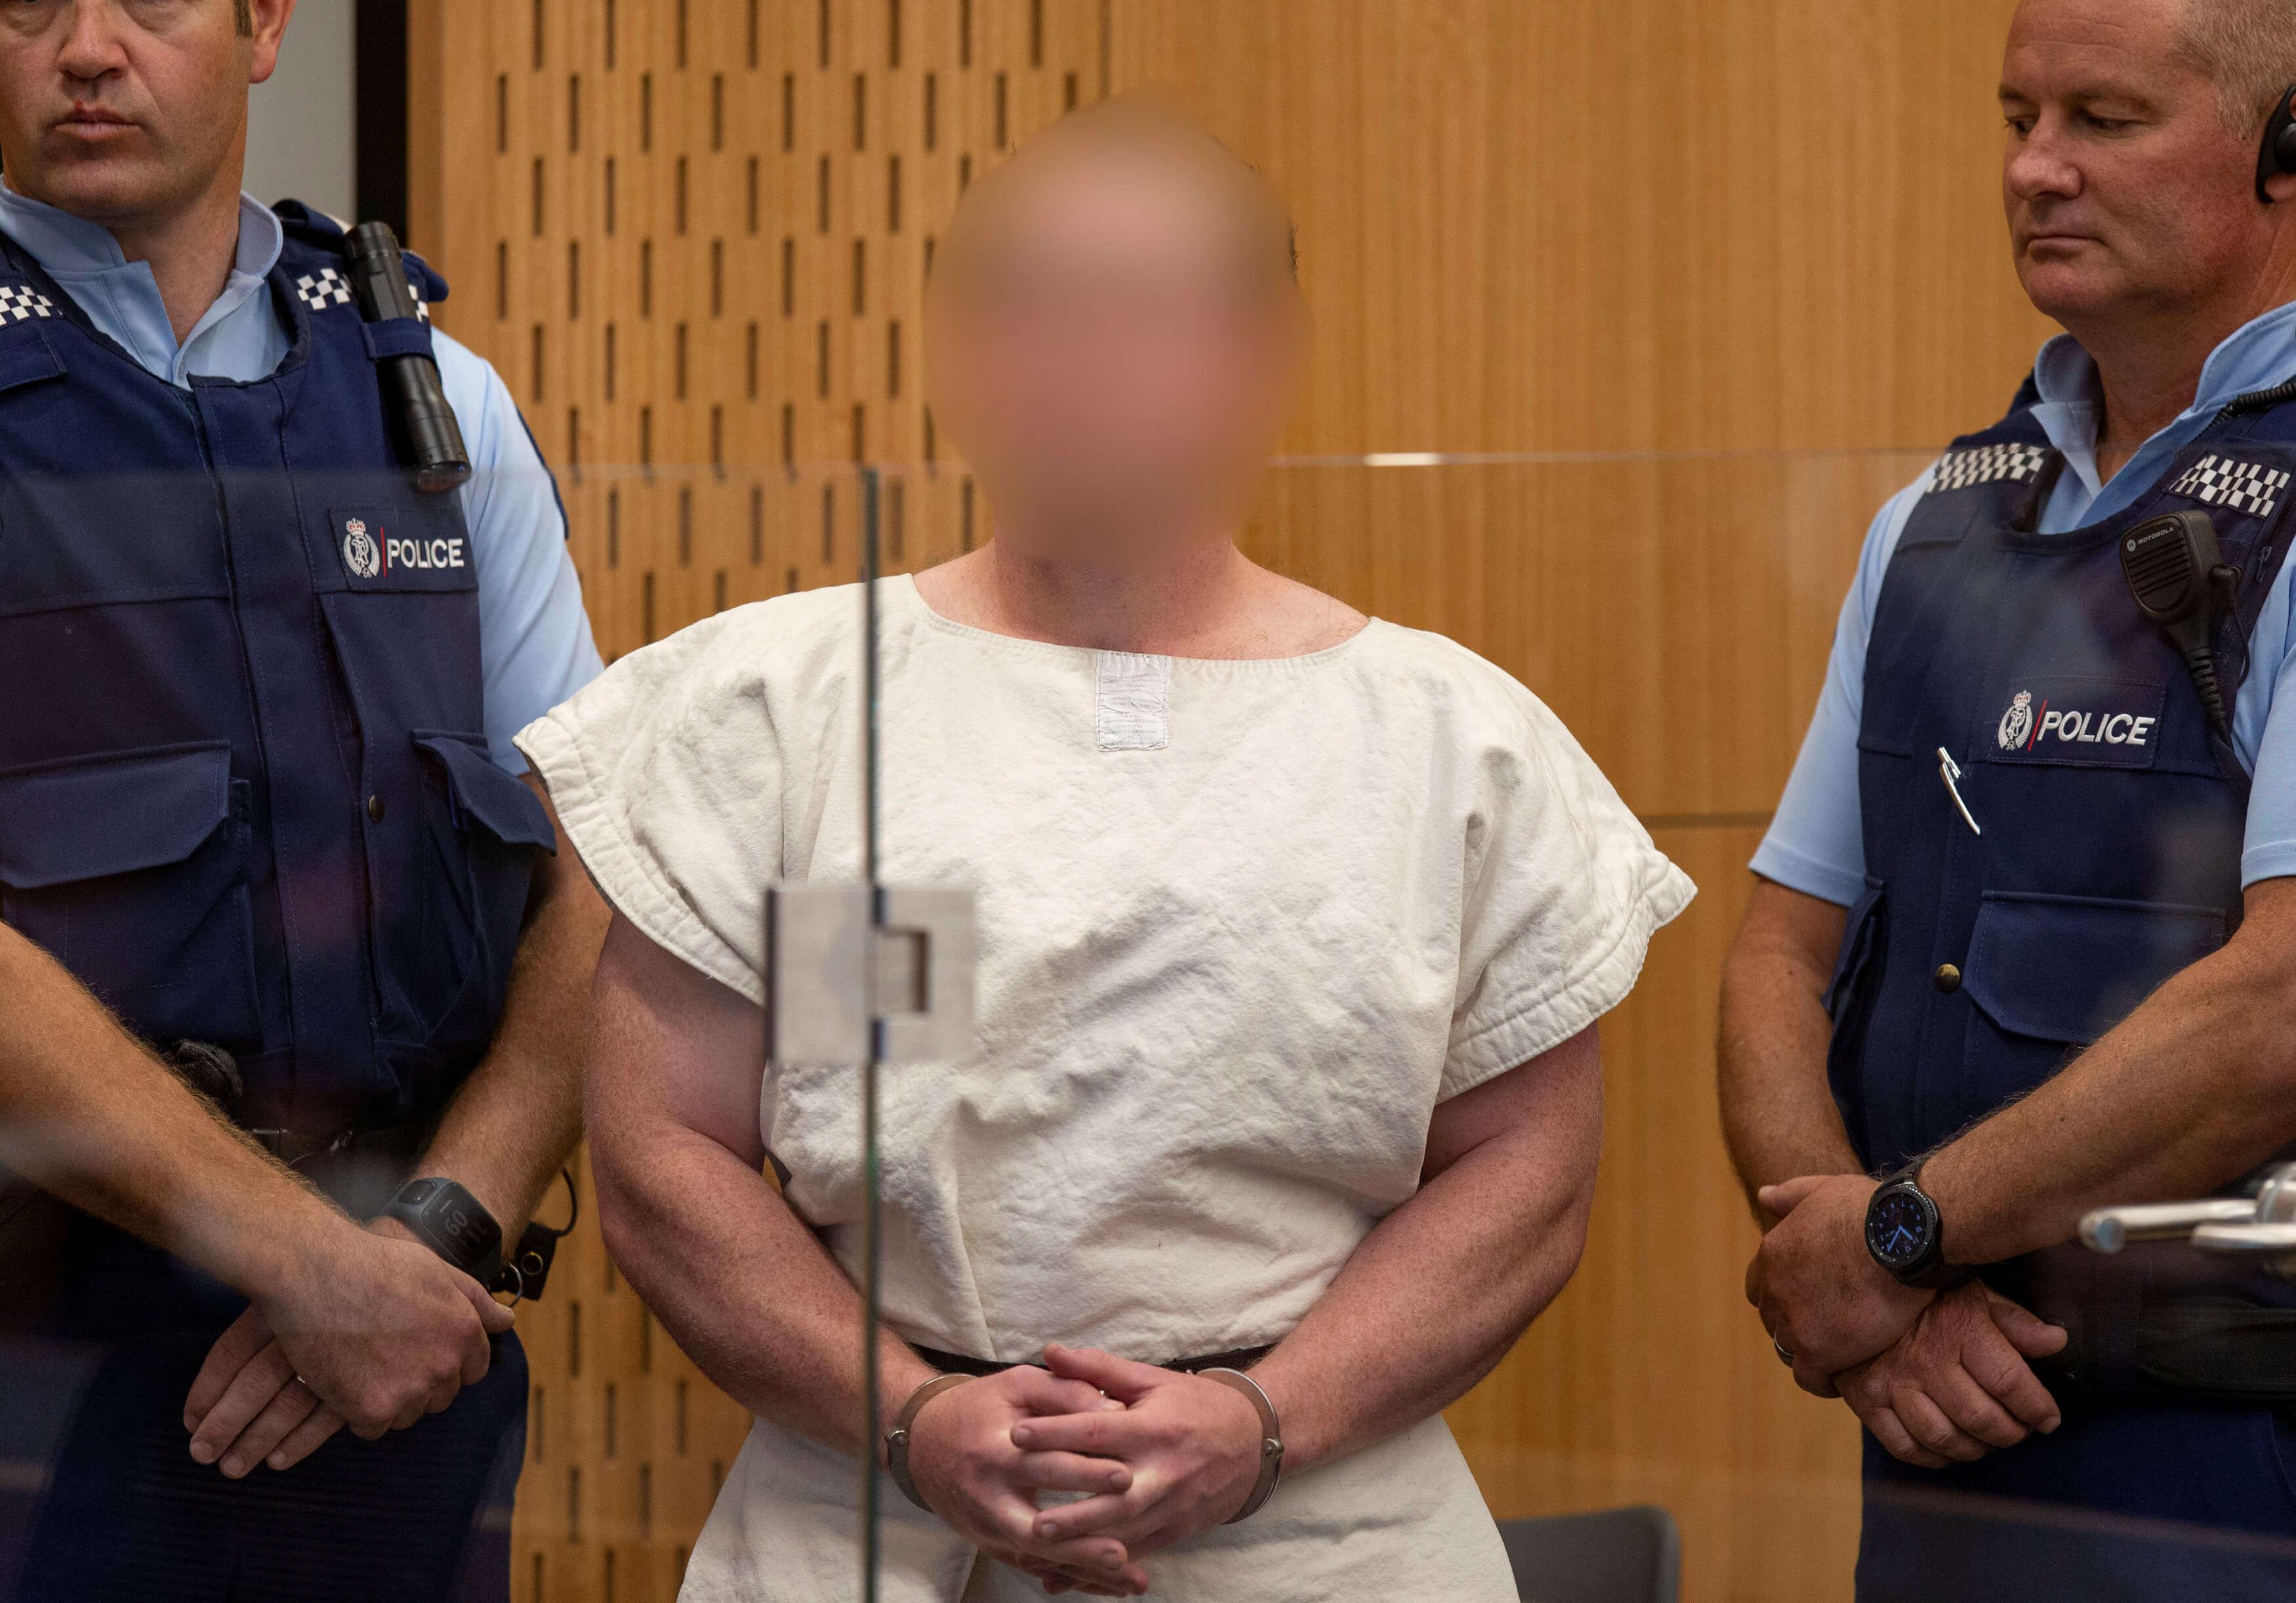 Δεν θα τον δει κανείς! Χωρίς κάλυψη η νέα εμφάνιση στο δικαστήριο του μακελάρη της Νέας Ζηλανδίας